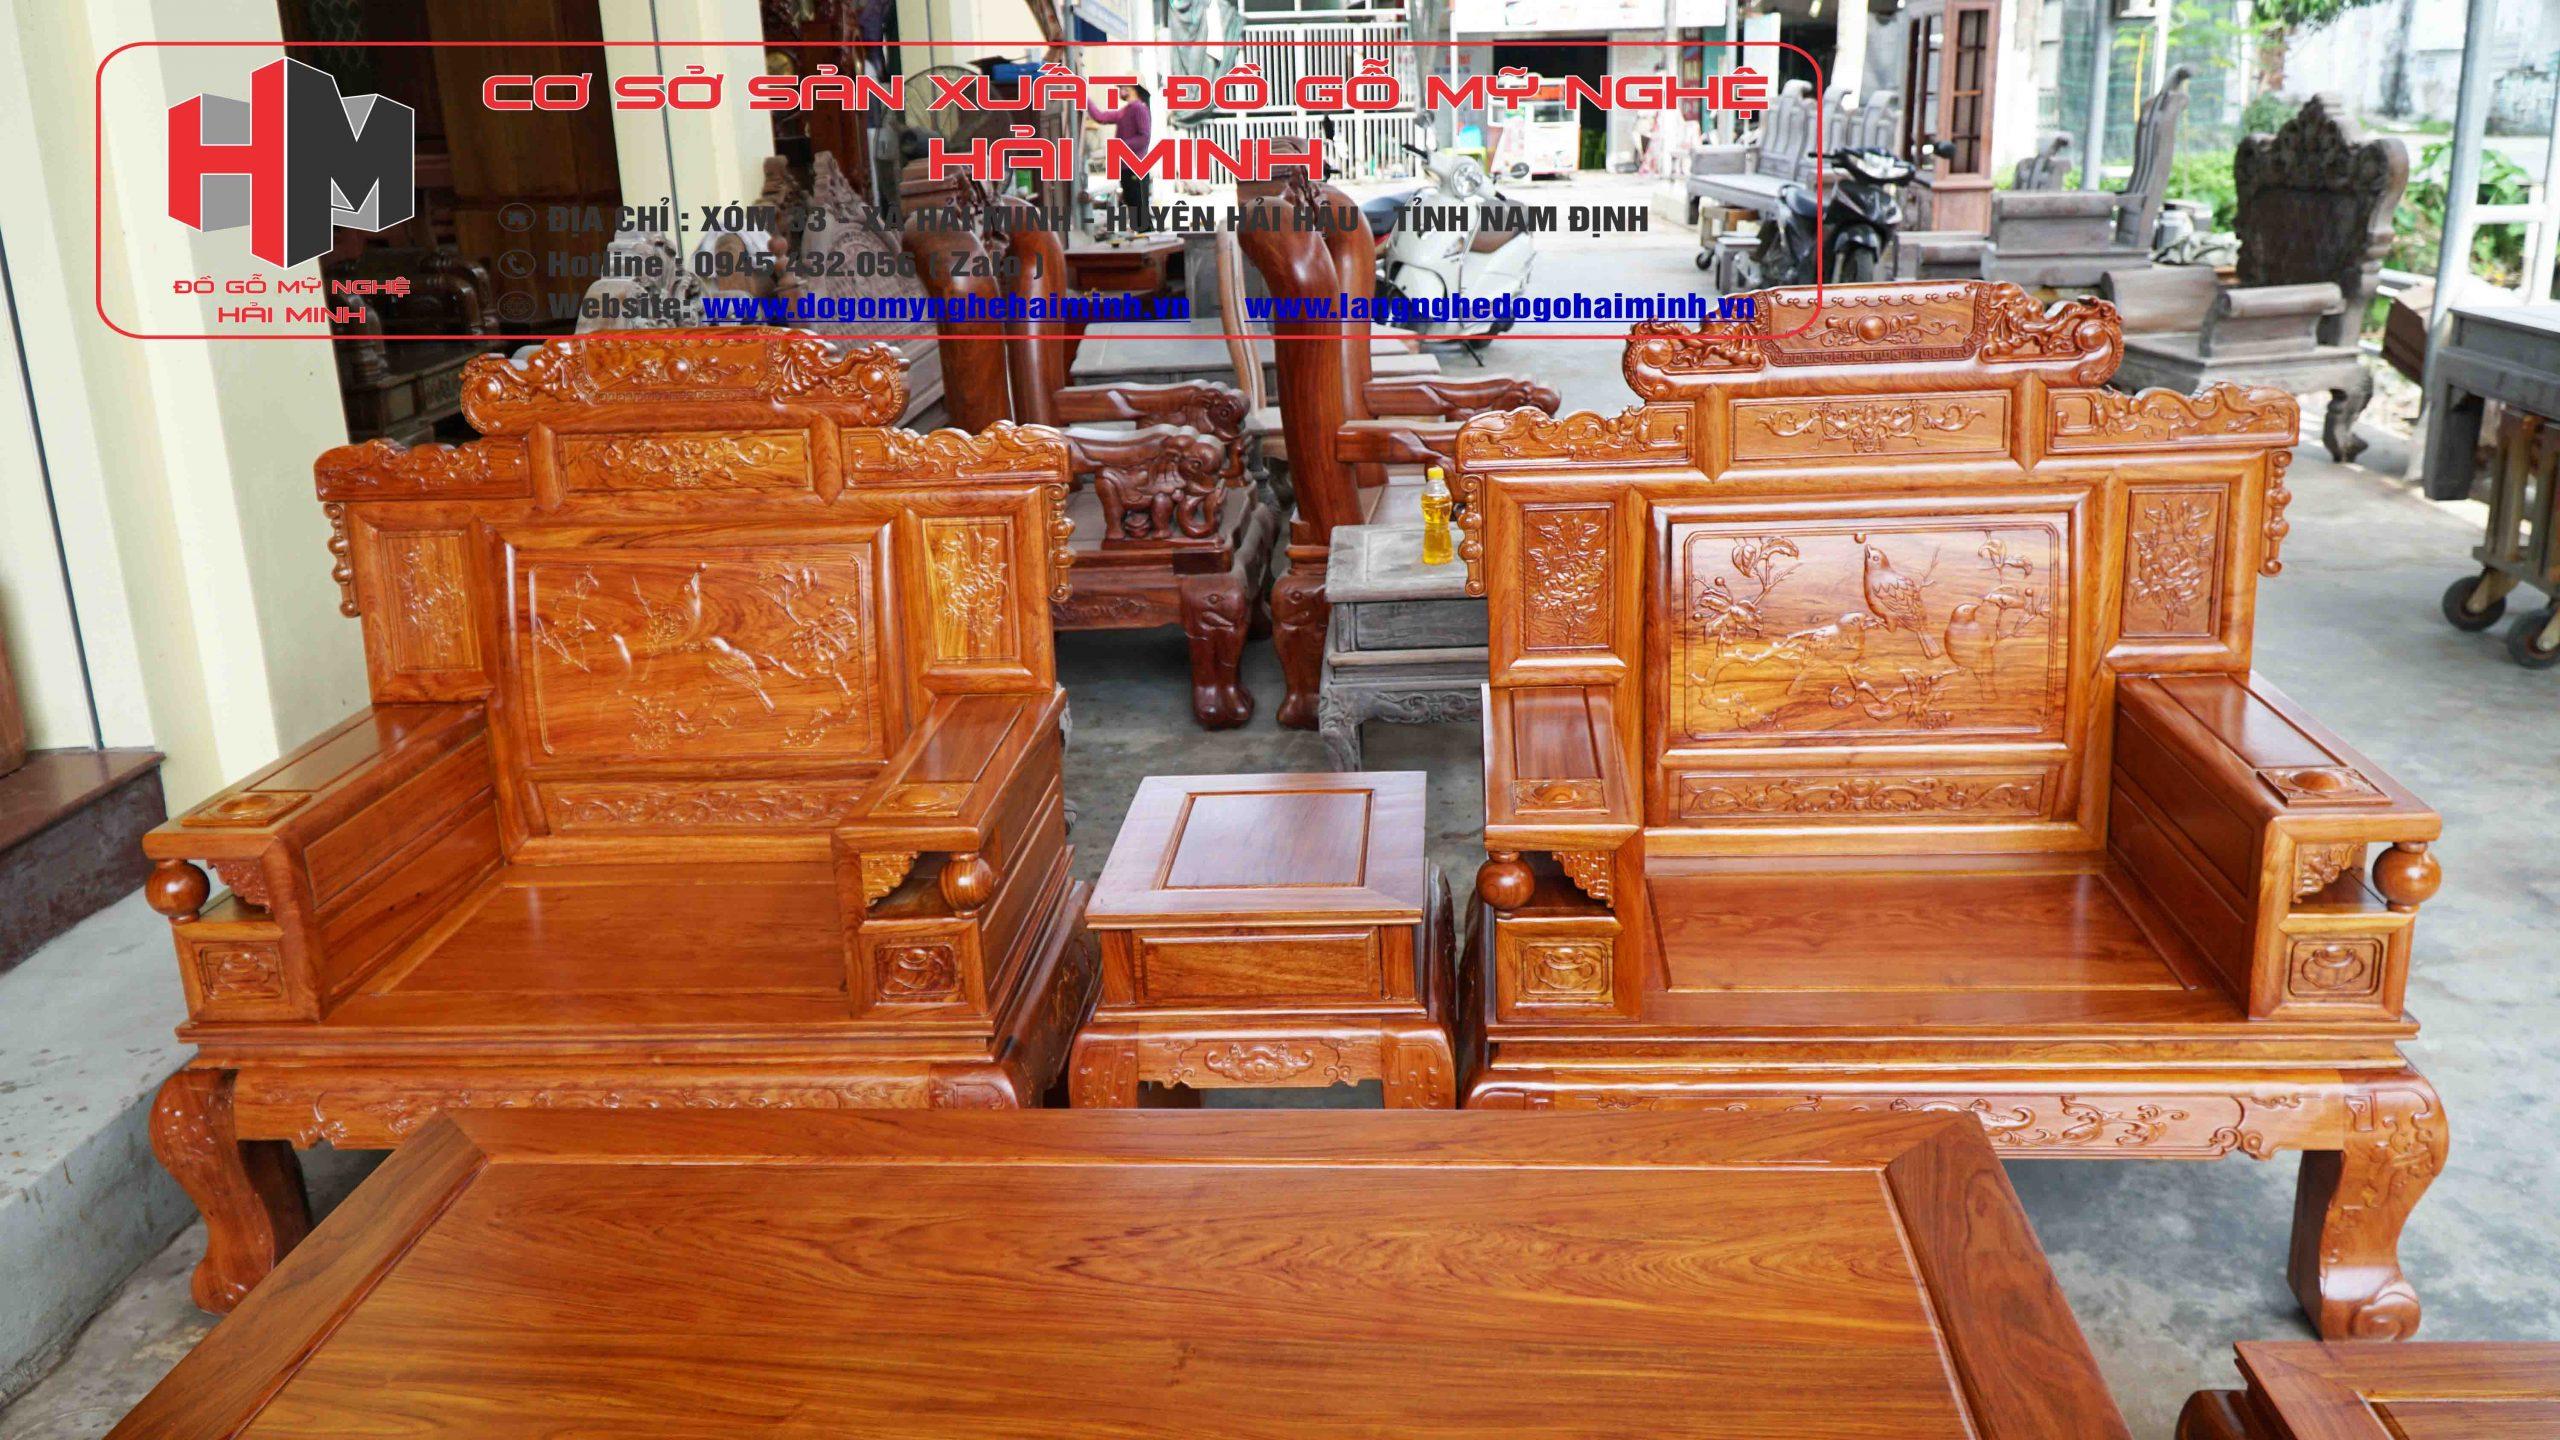 Bộ Bàn Ghế Phù Dung Hương Đá